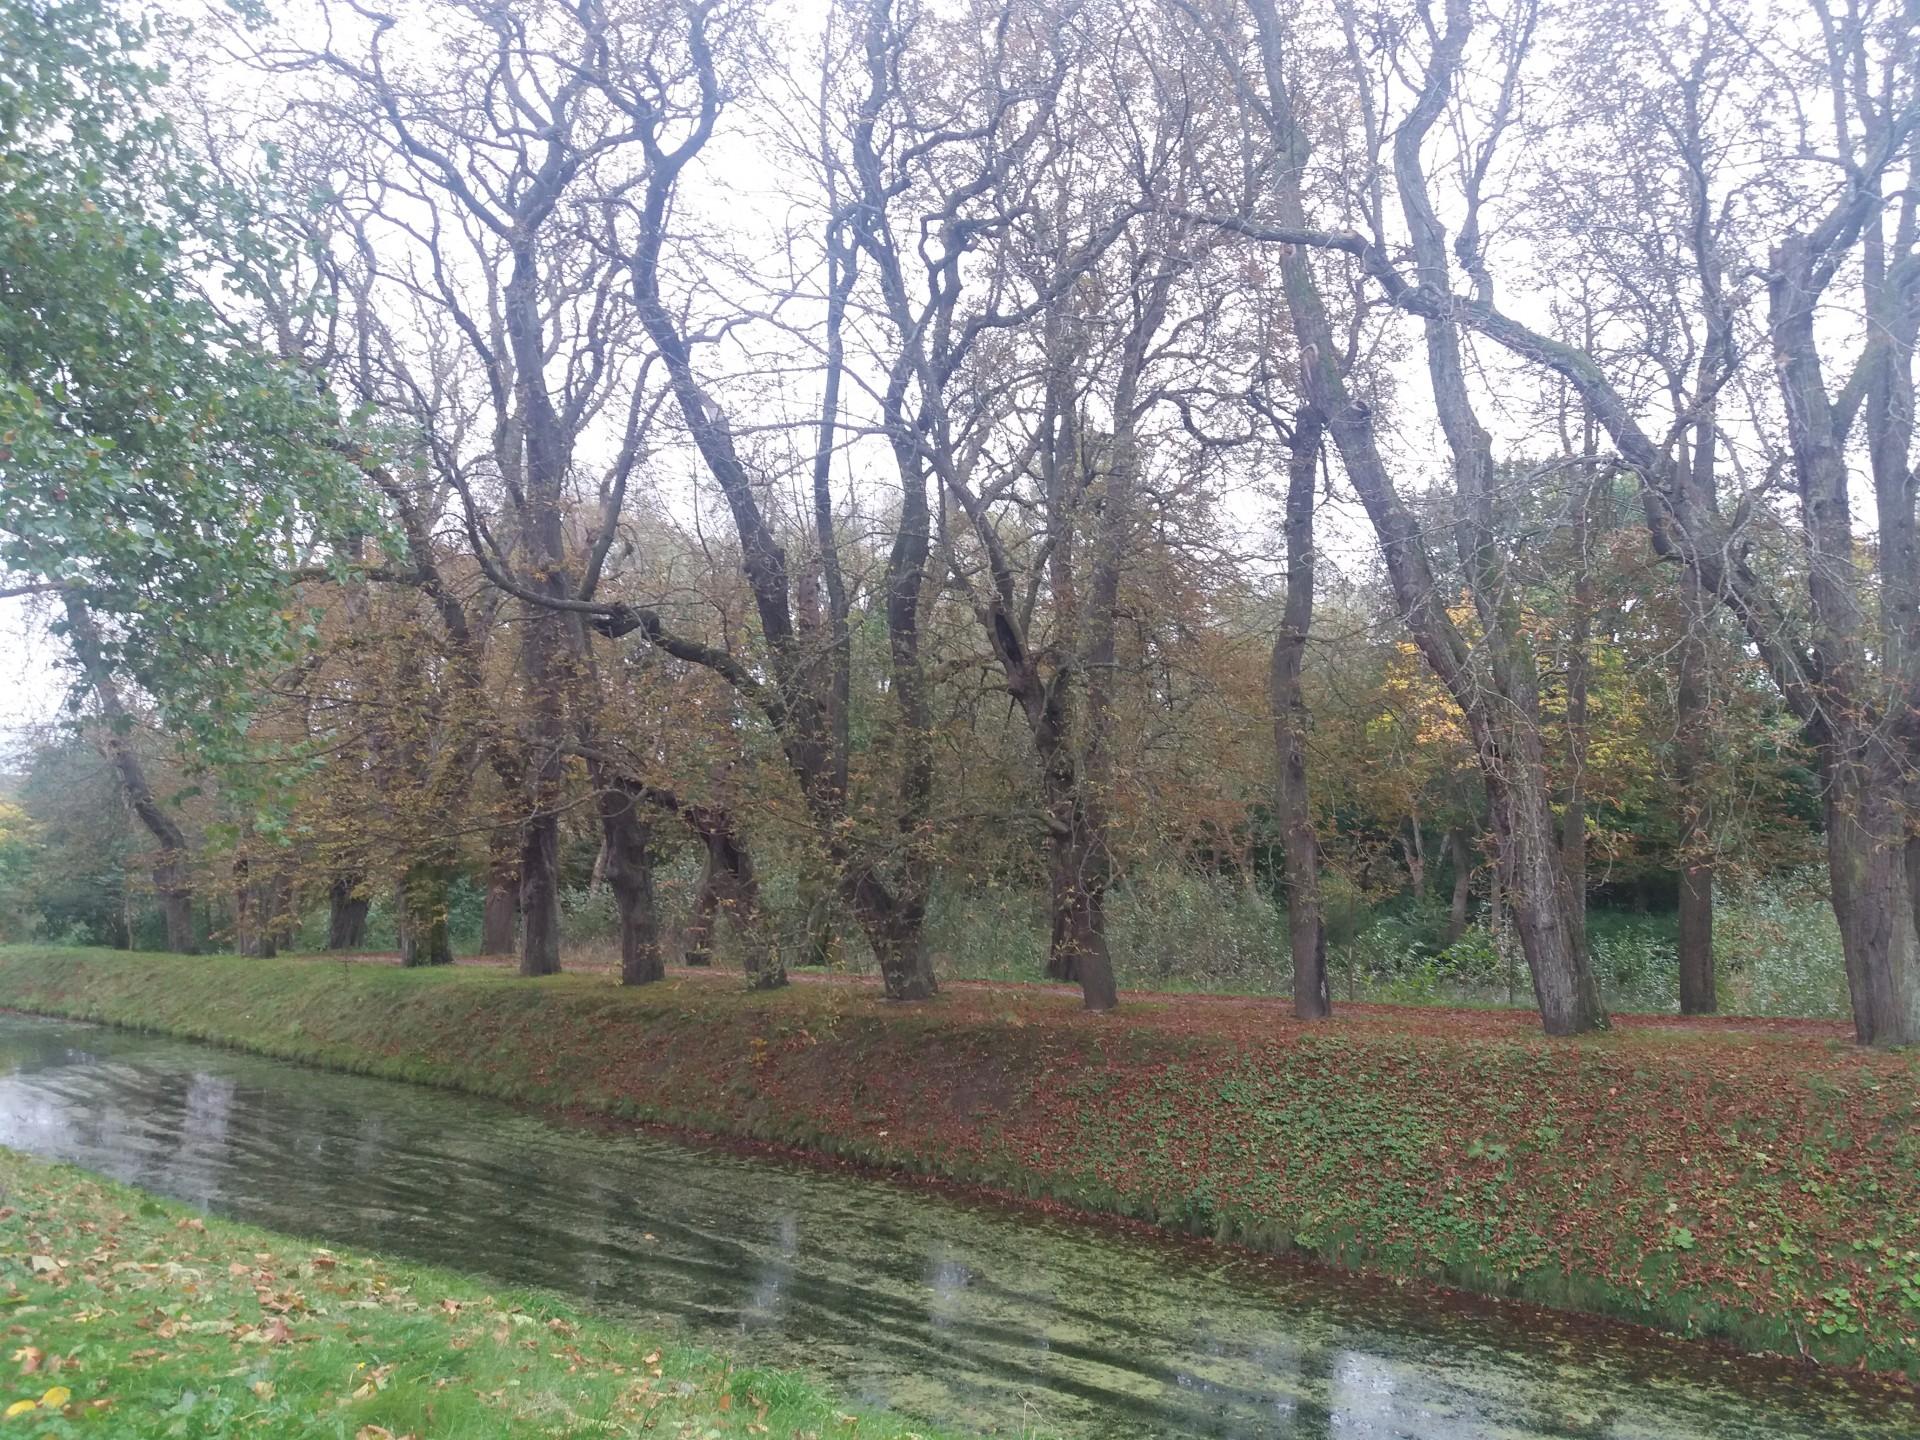 Zamek w Krokowej. Fot. Zuzanna Musik/Magazyn Kaszuby